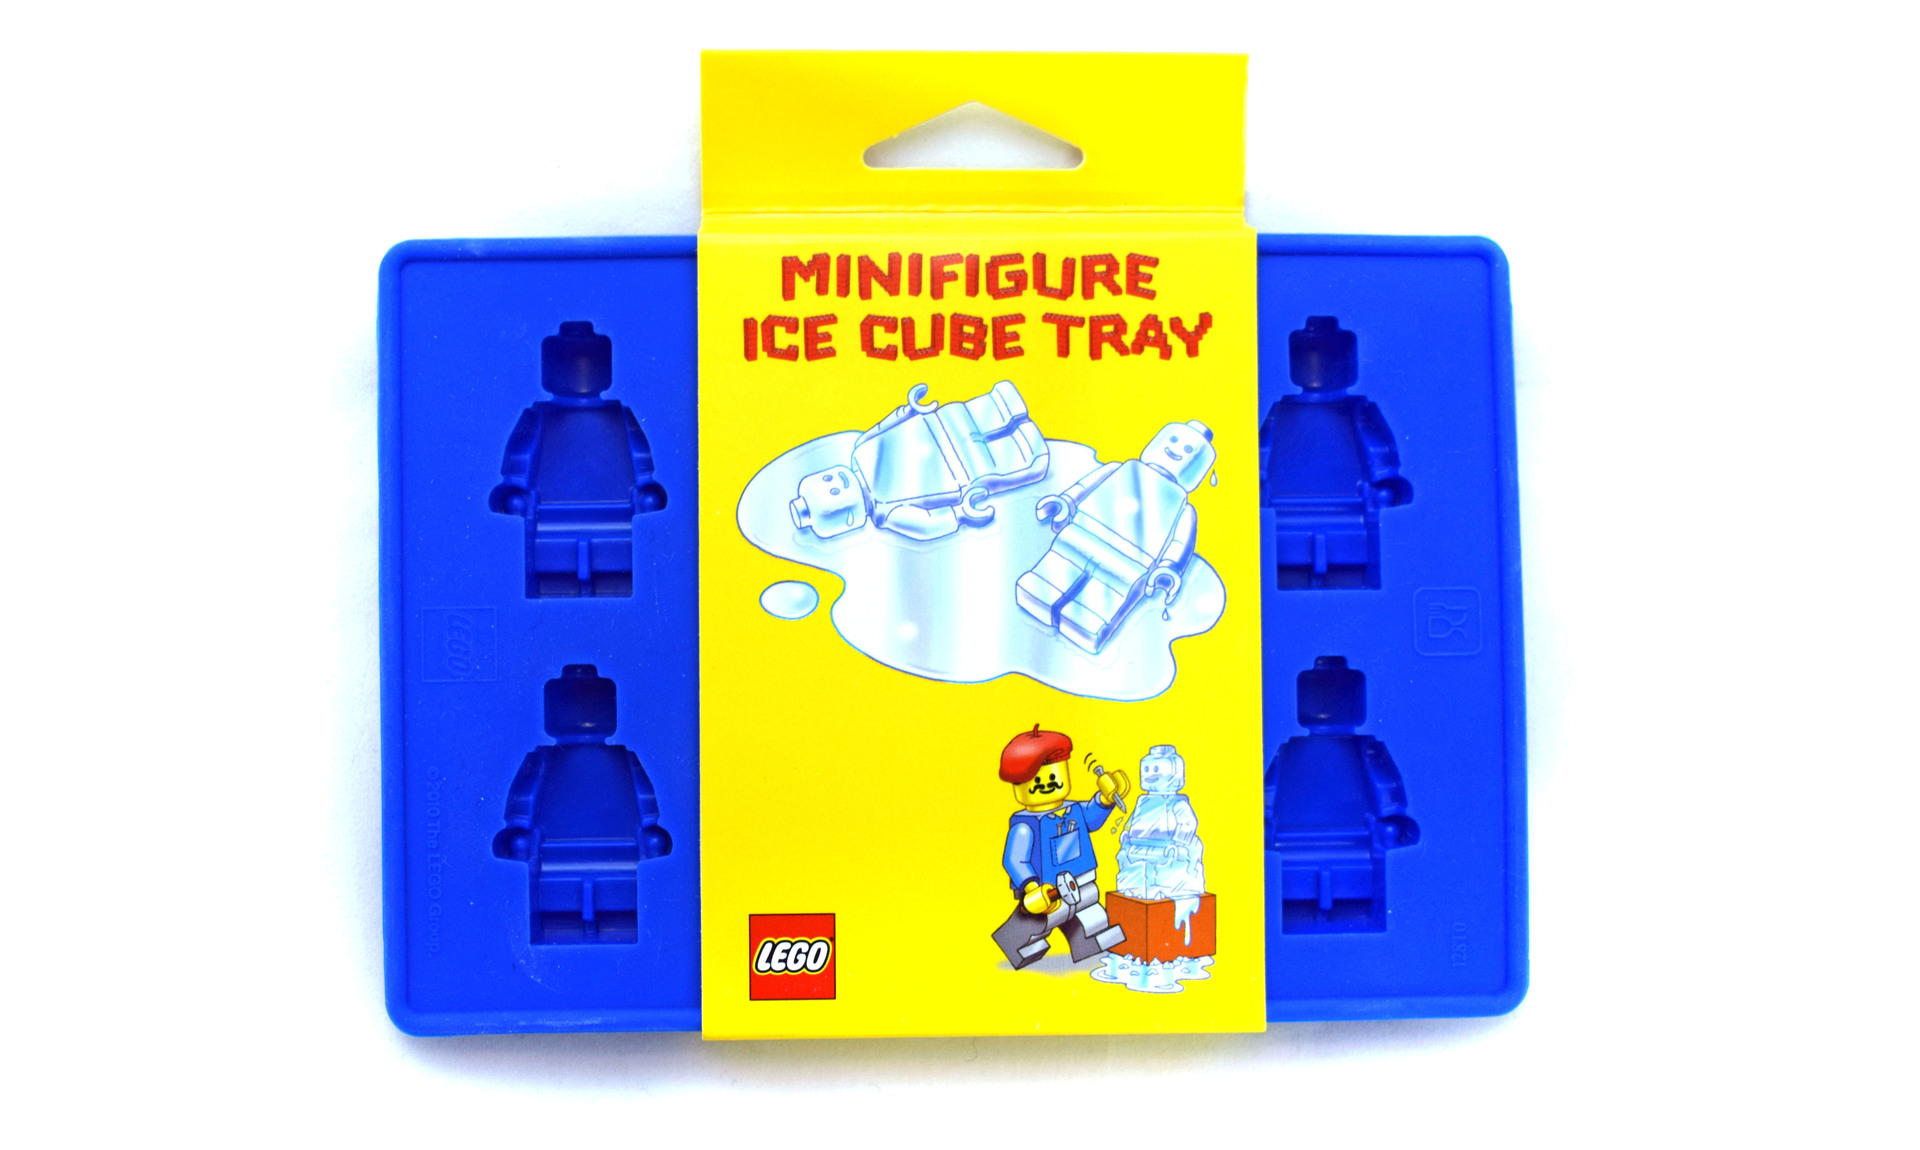 Minifigure Ice Cube Tray Lego Set 852771 1 Nisb